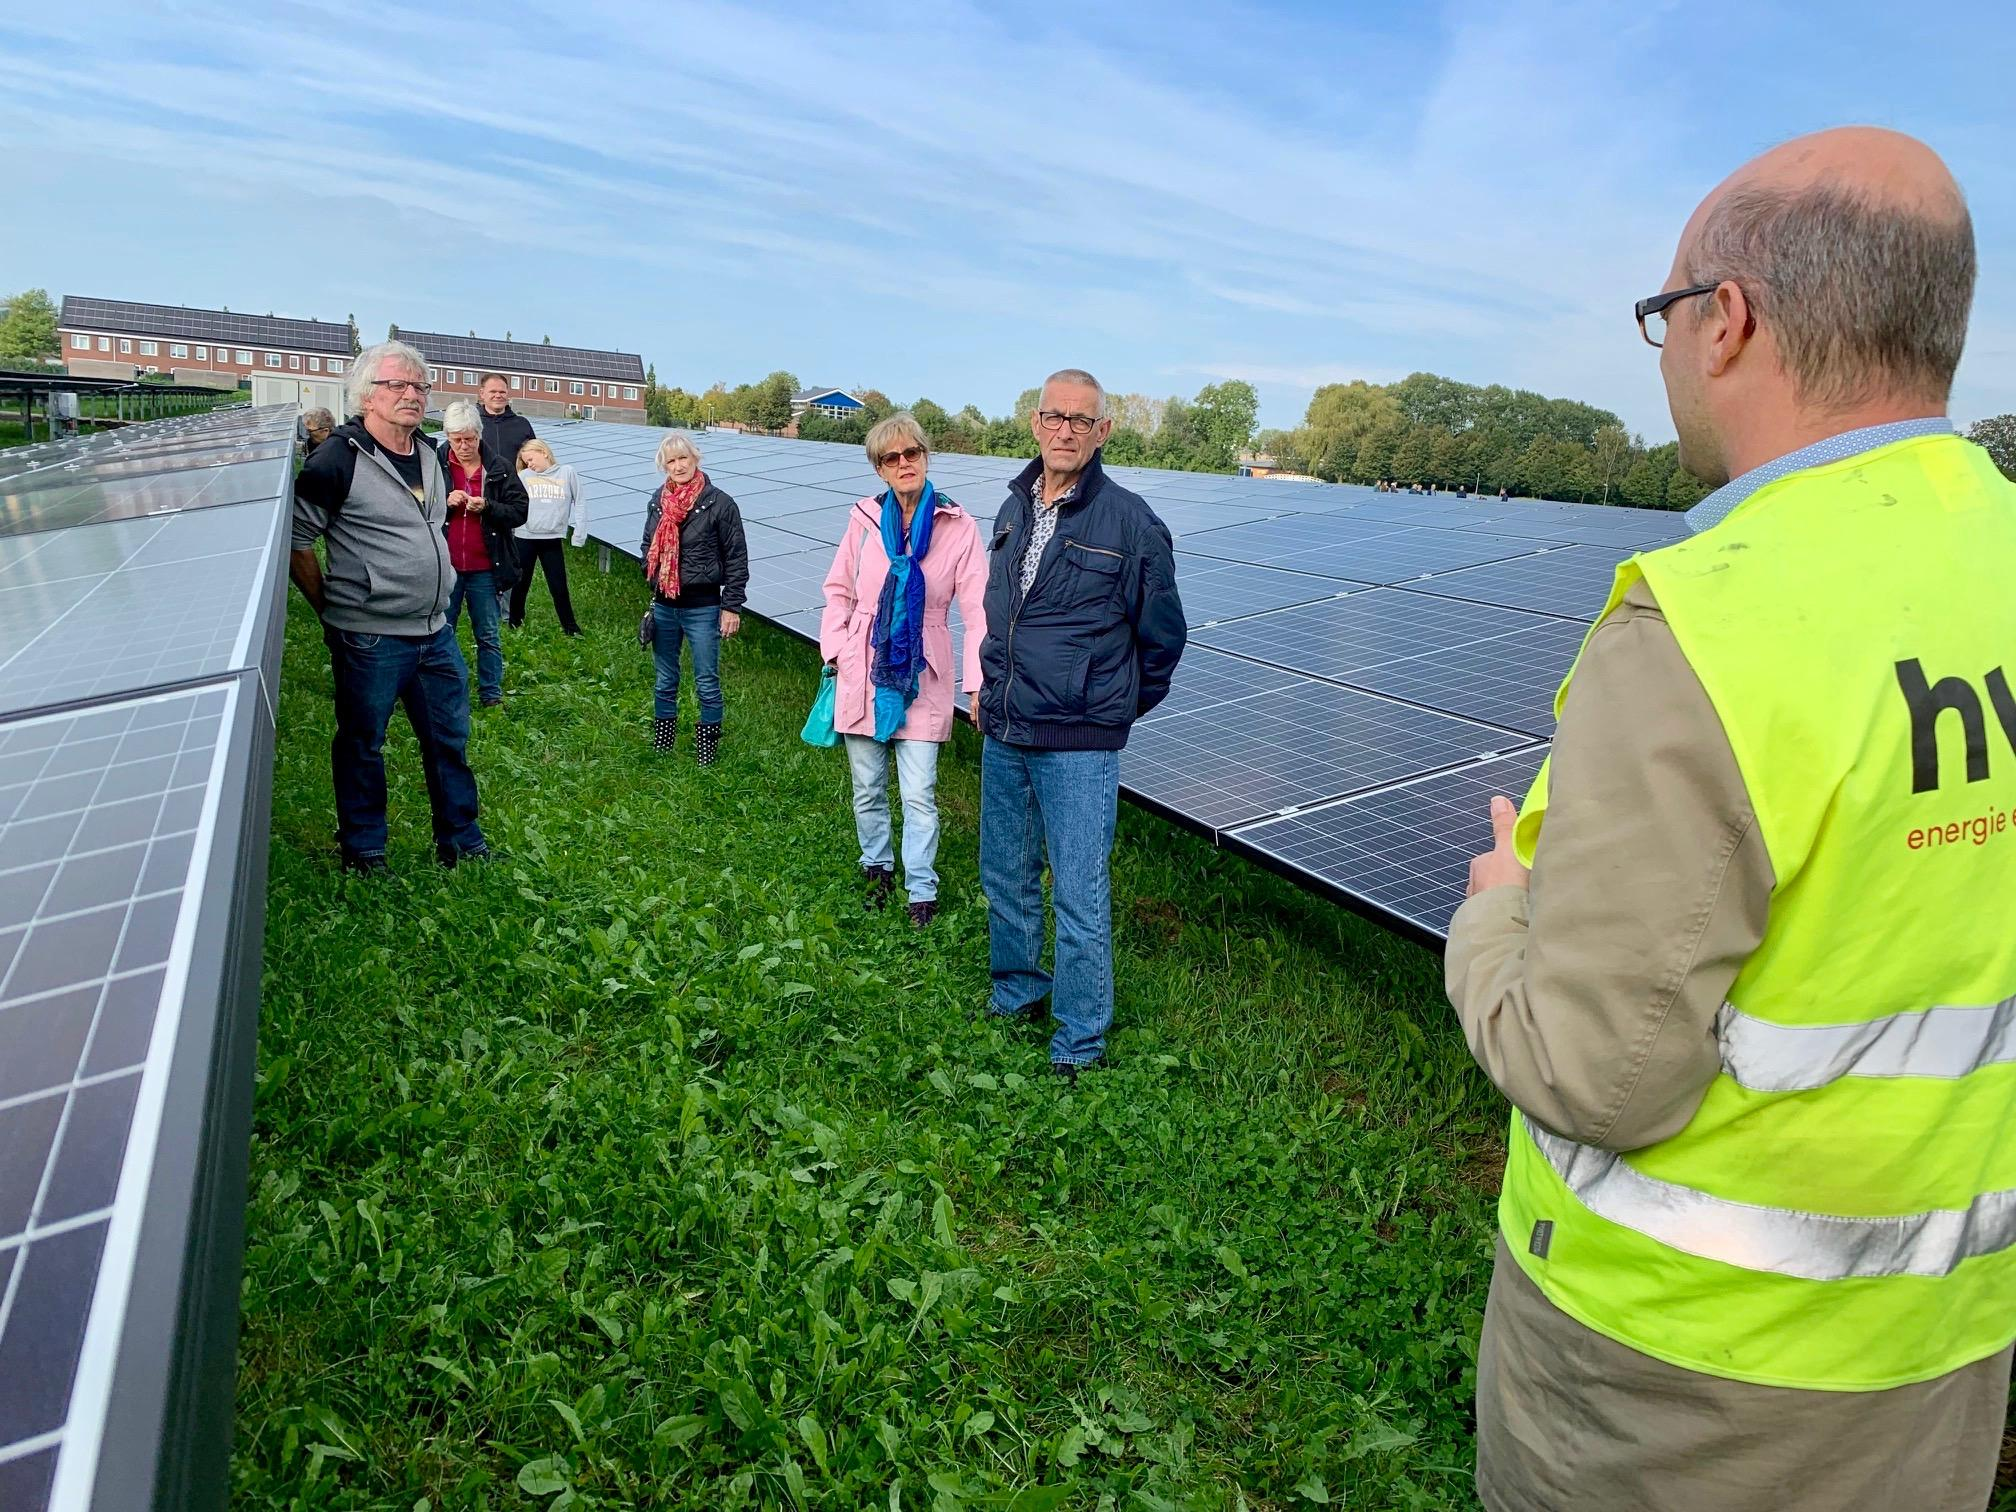 Nieuwe zonneweide Midwoud moet dik twintig jaar mee: 'Daarna woningbouw of nieuw zonnepark'